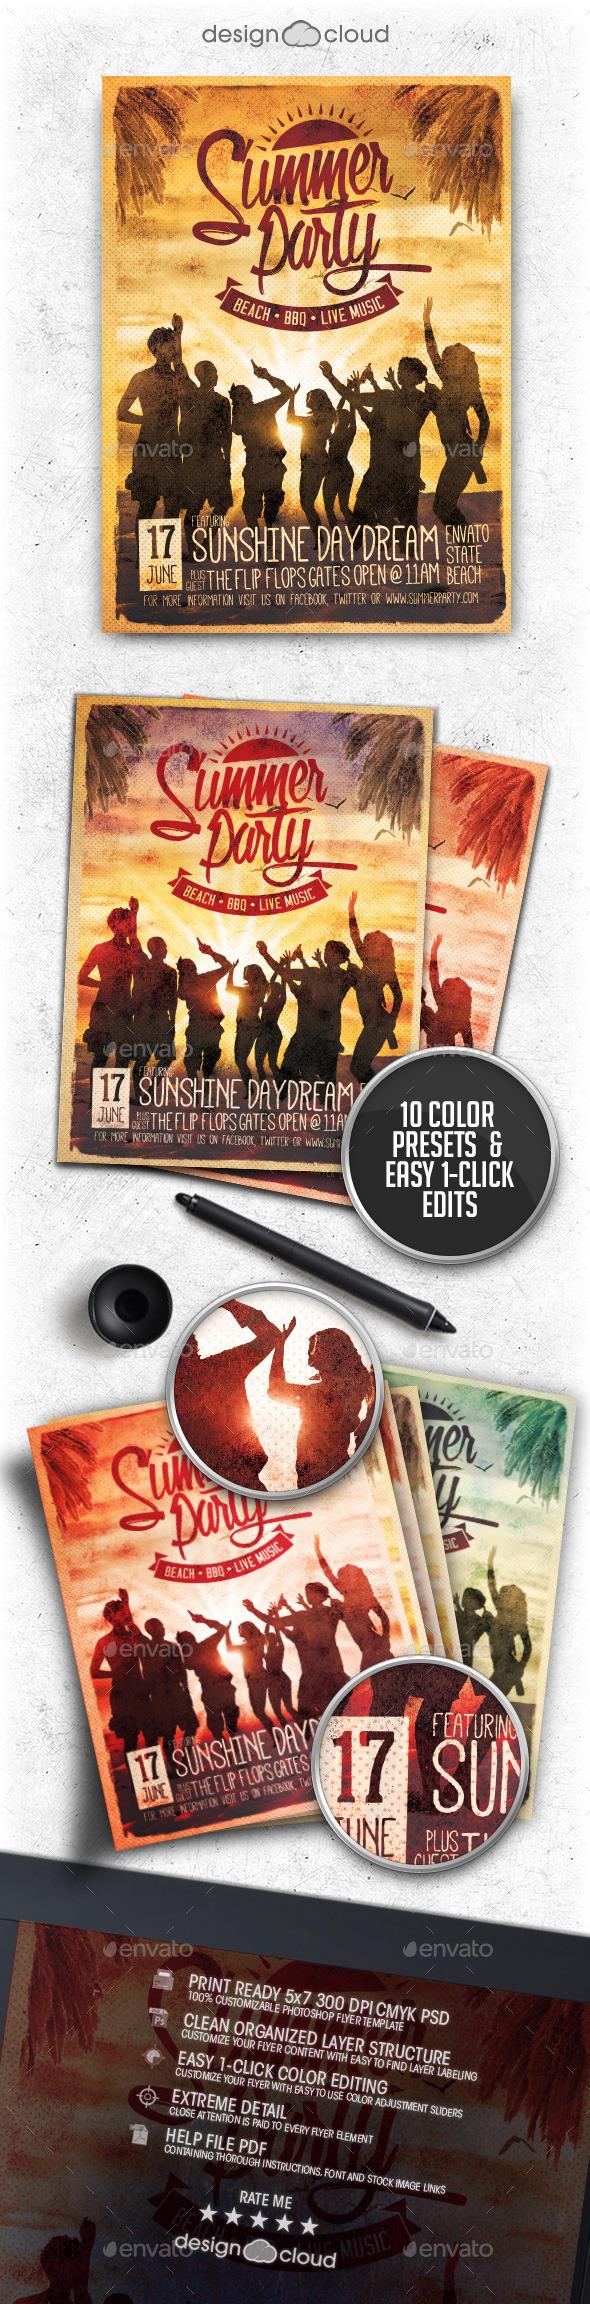 Retro Summer Party Flyer Vol. 1